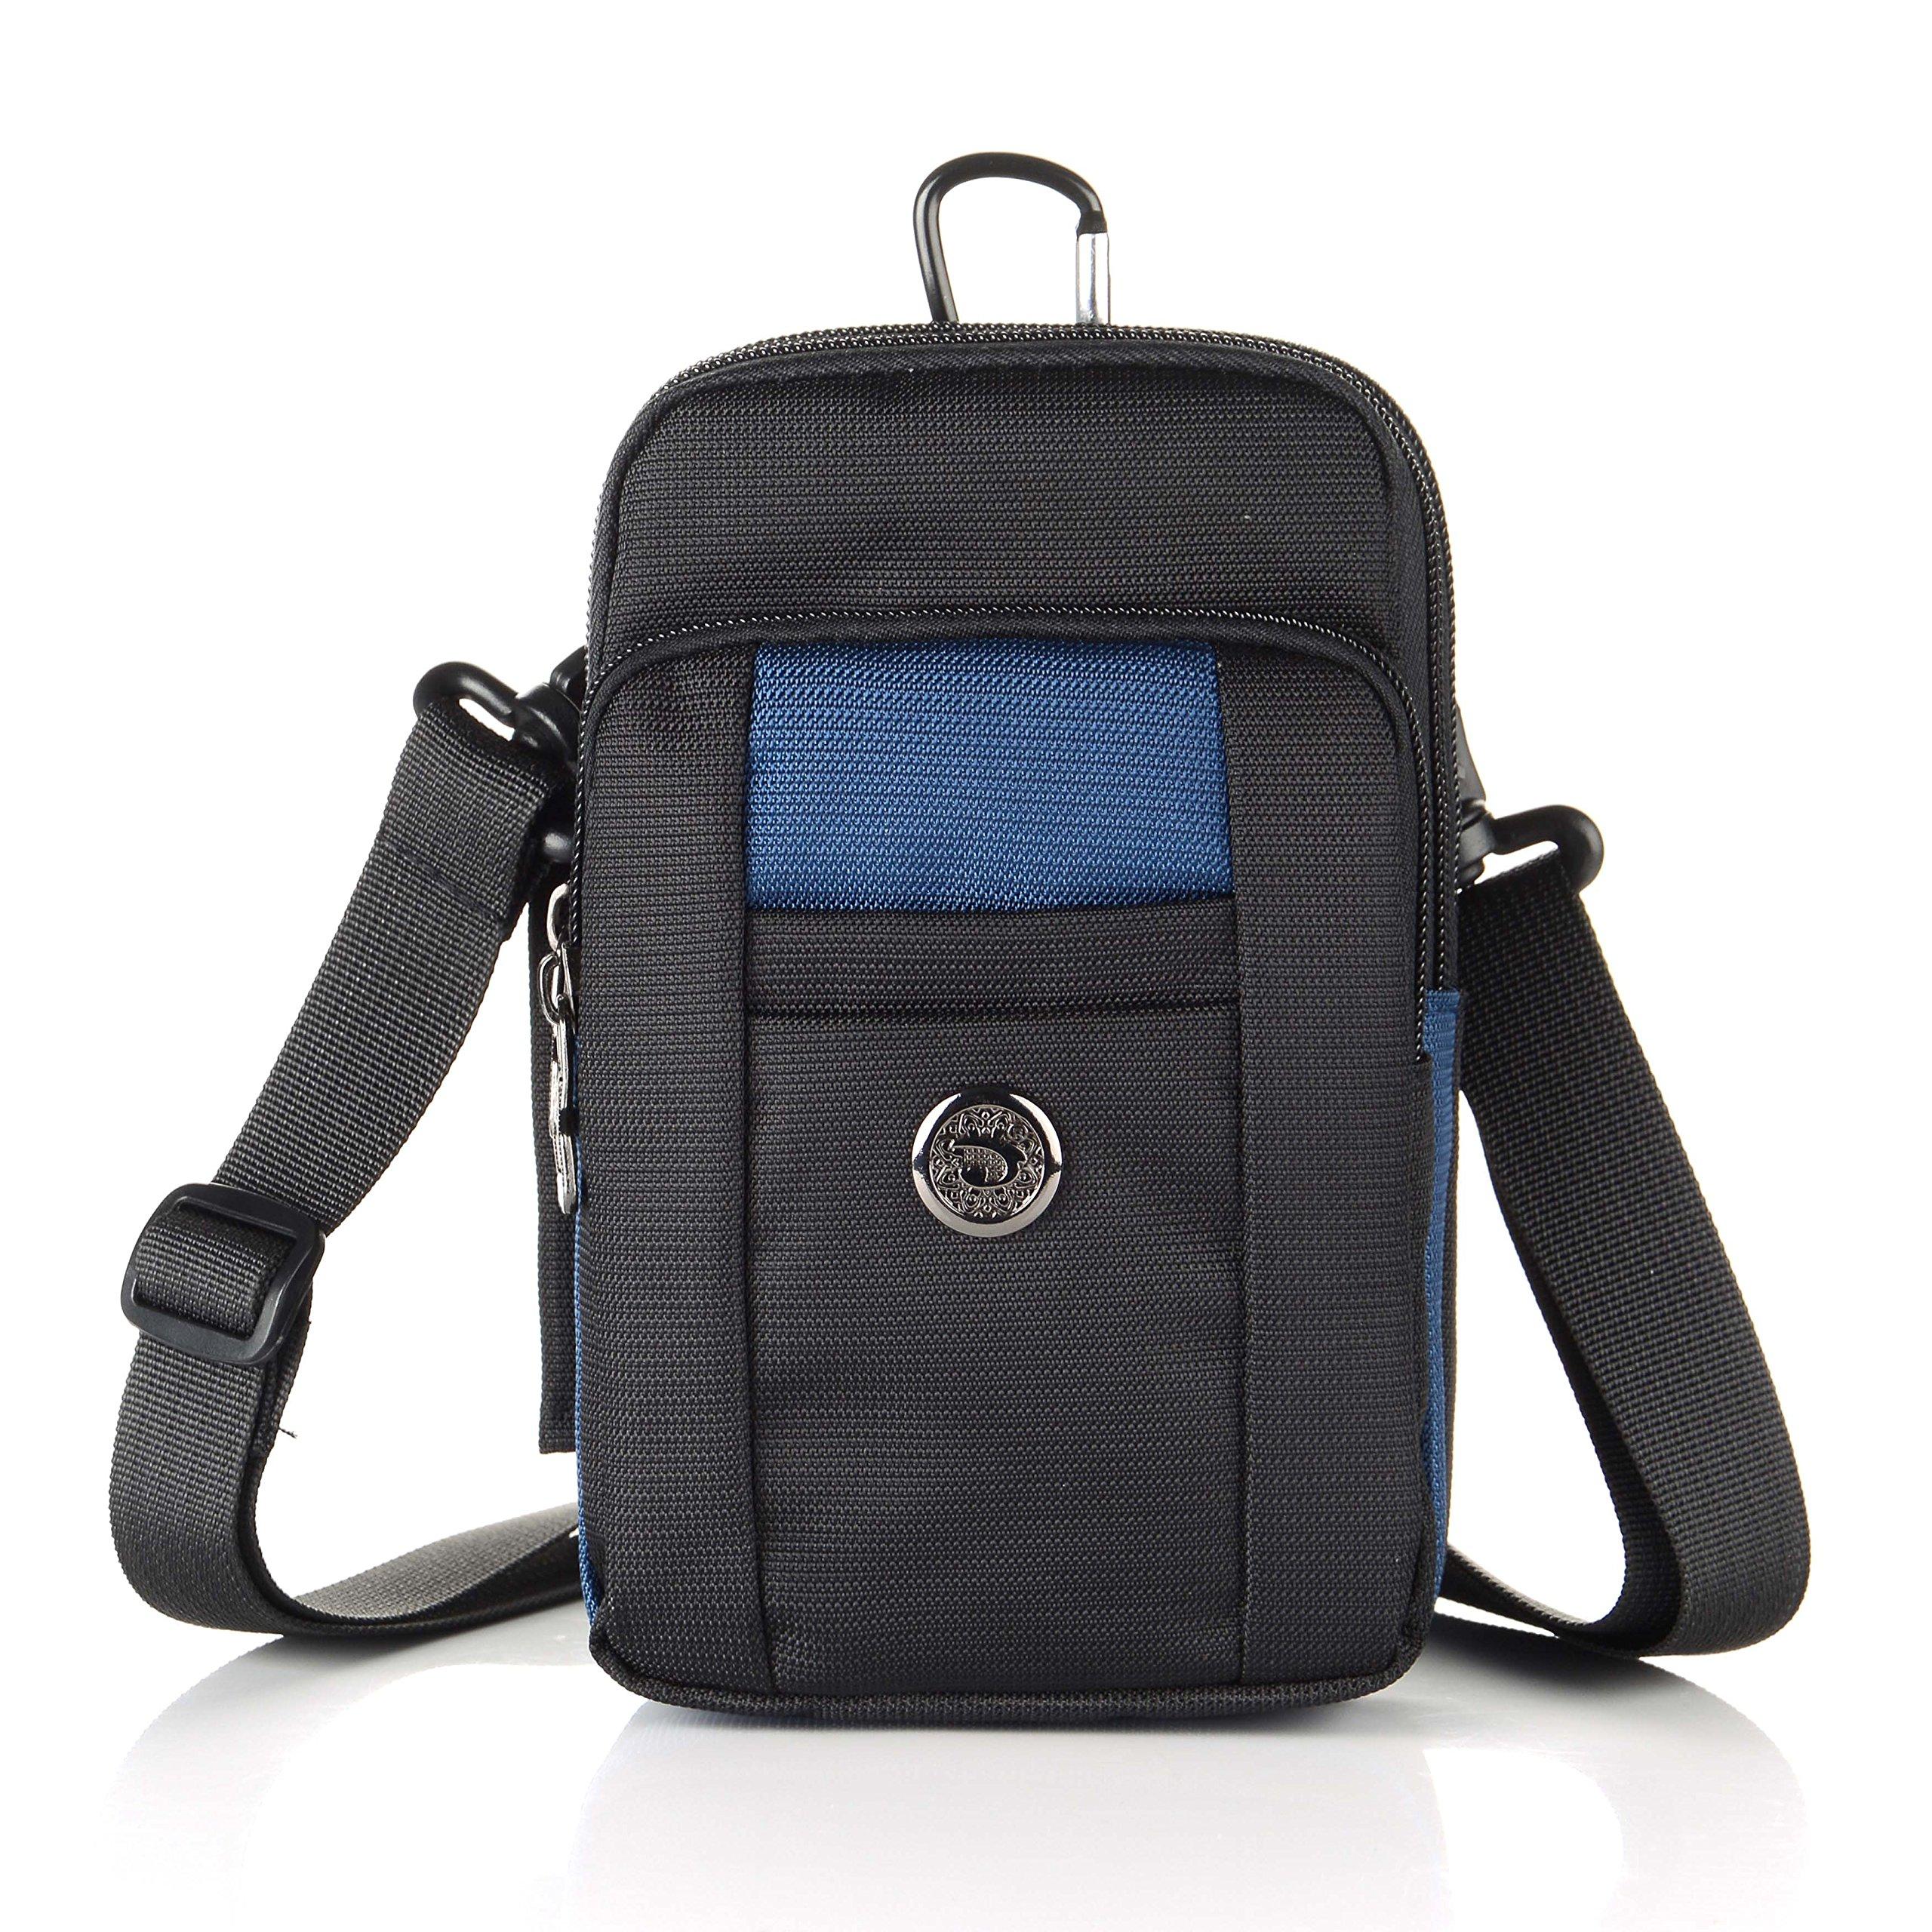 liangdongshop Essential Phone Belt Clip Waist Hip Pack Travel Messager Purse Crossbody Bag 3 Way Universal Water Resistant(Vertical-Dark Blue)